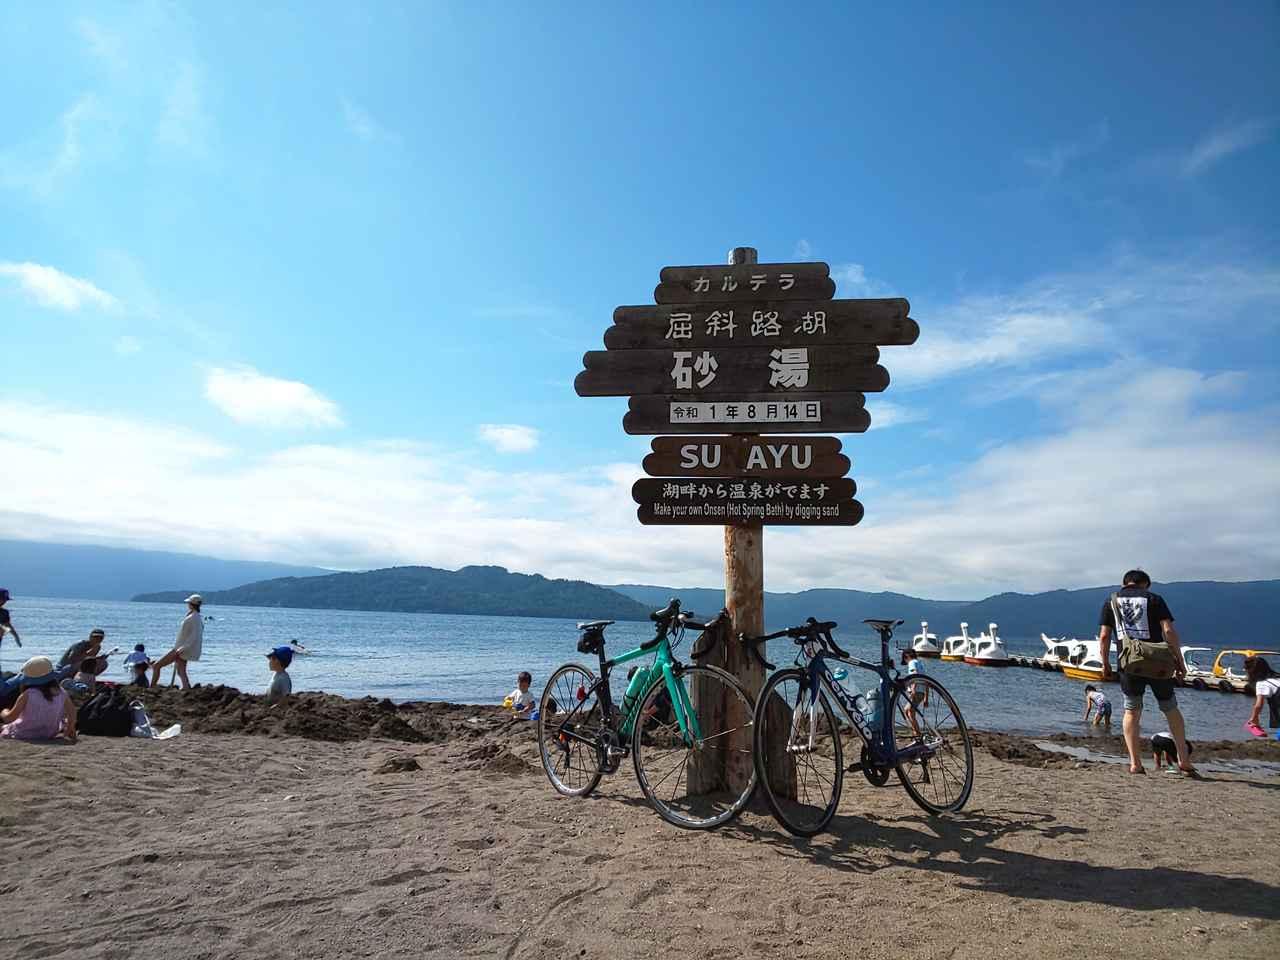 画像: 島が見えますね。屈斜路湖の中島は日本最大の面積。自然保護のため上陸は禁止とのことです。